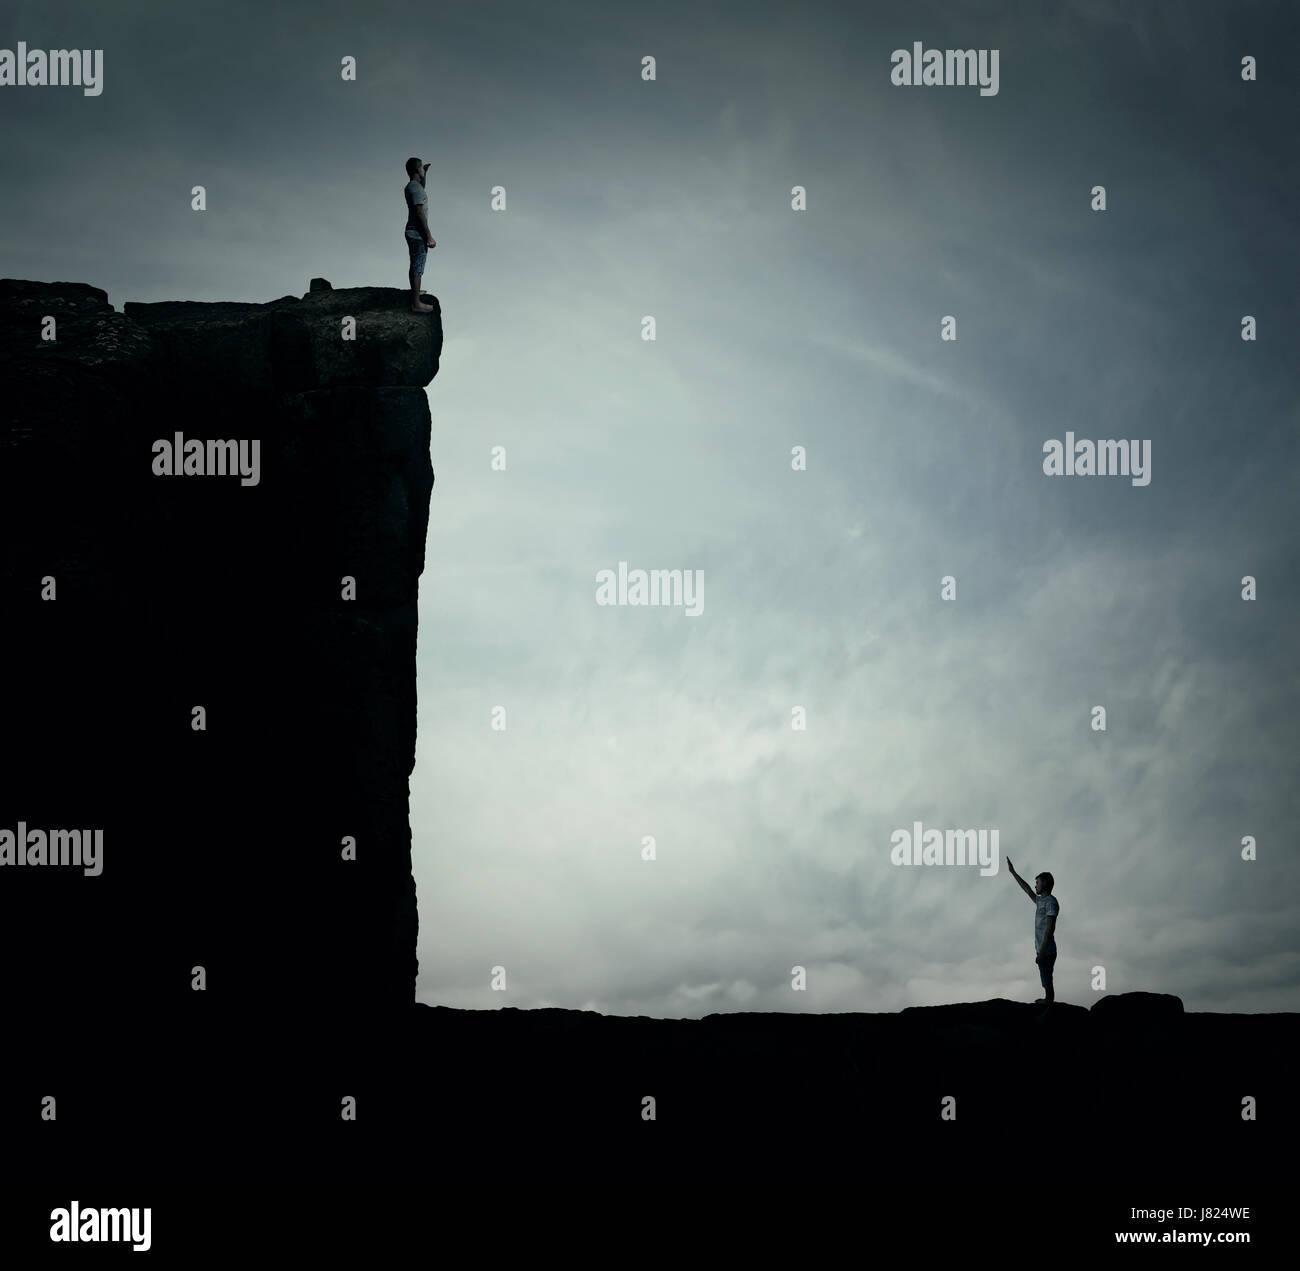 Image conceptuelle avec deux personnes perdues debout sur une falaise à différentes hauteurs, en essayant Photo Stock